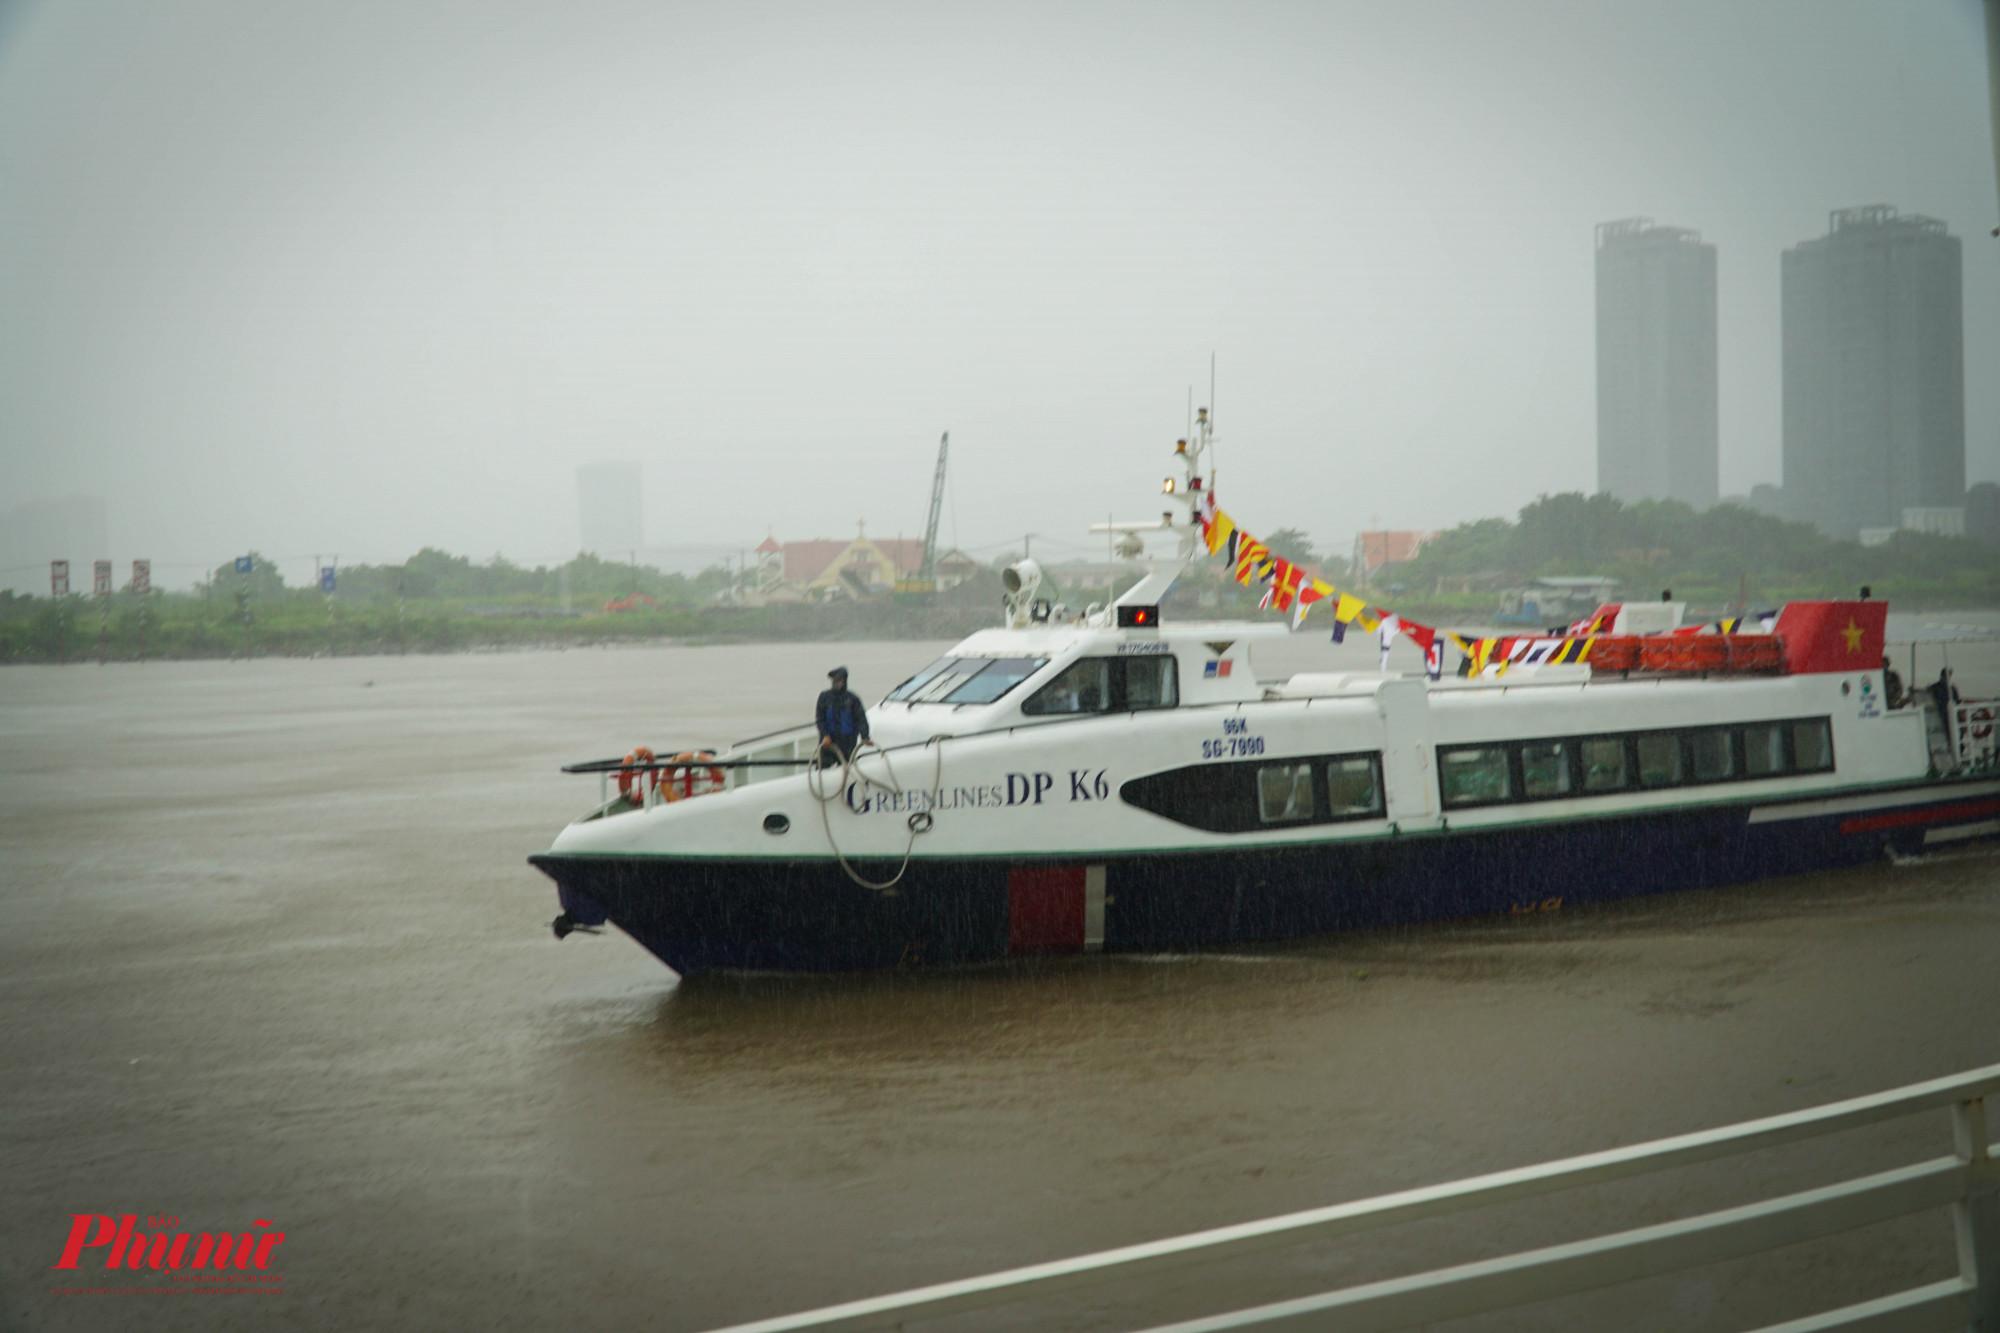 16g, chuyển tàu cao tốc vận chuyển hàng hóa thiết yếu từ Tiền Giang lên TPHCM cập bến Bạch Đằng (Quận 1)